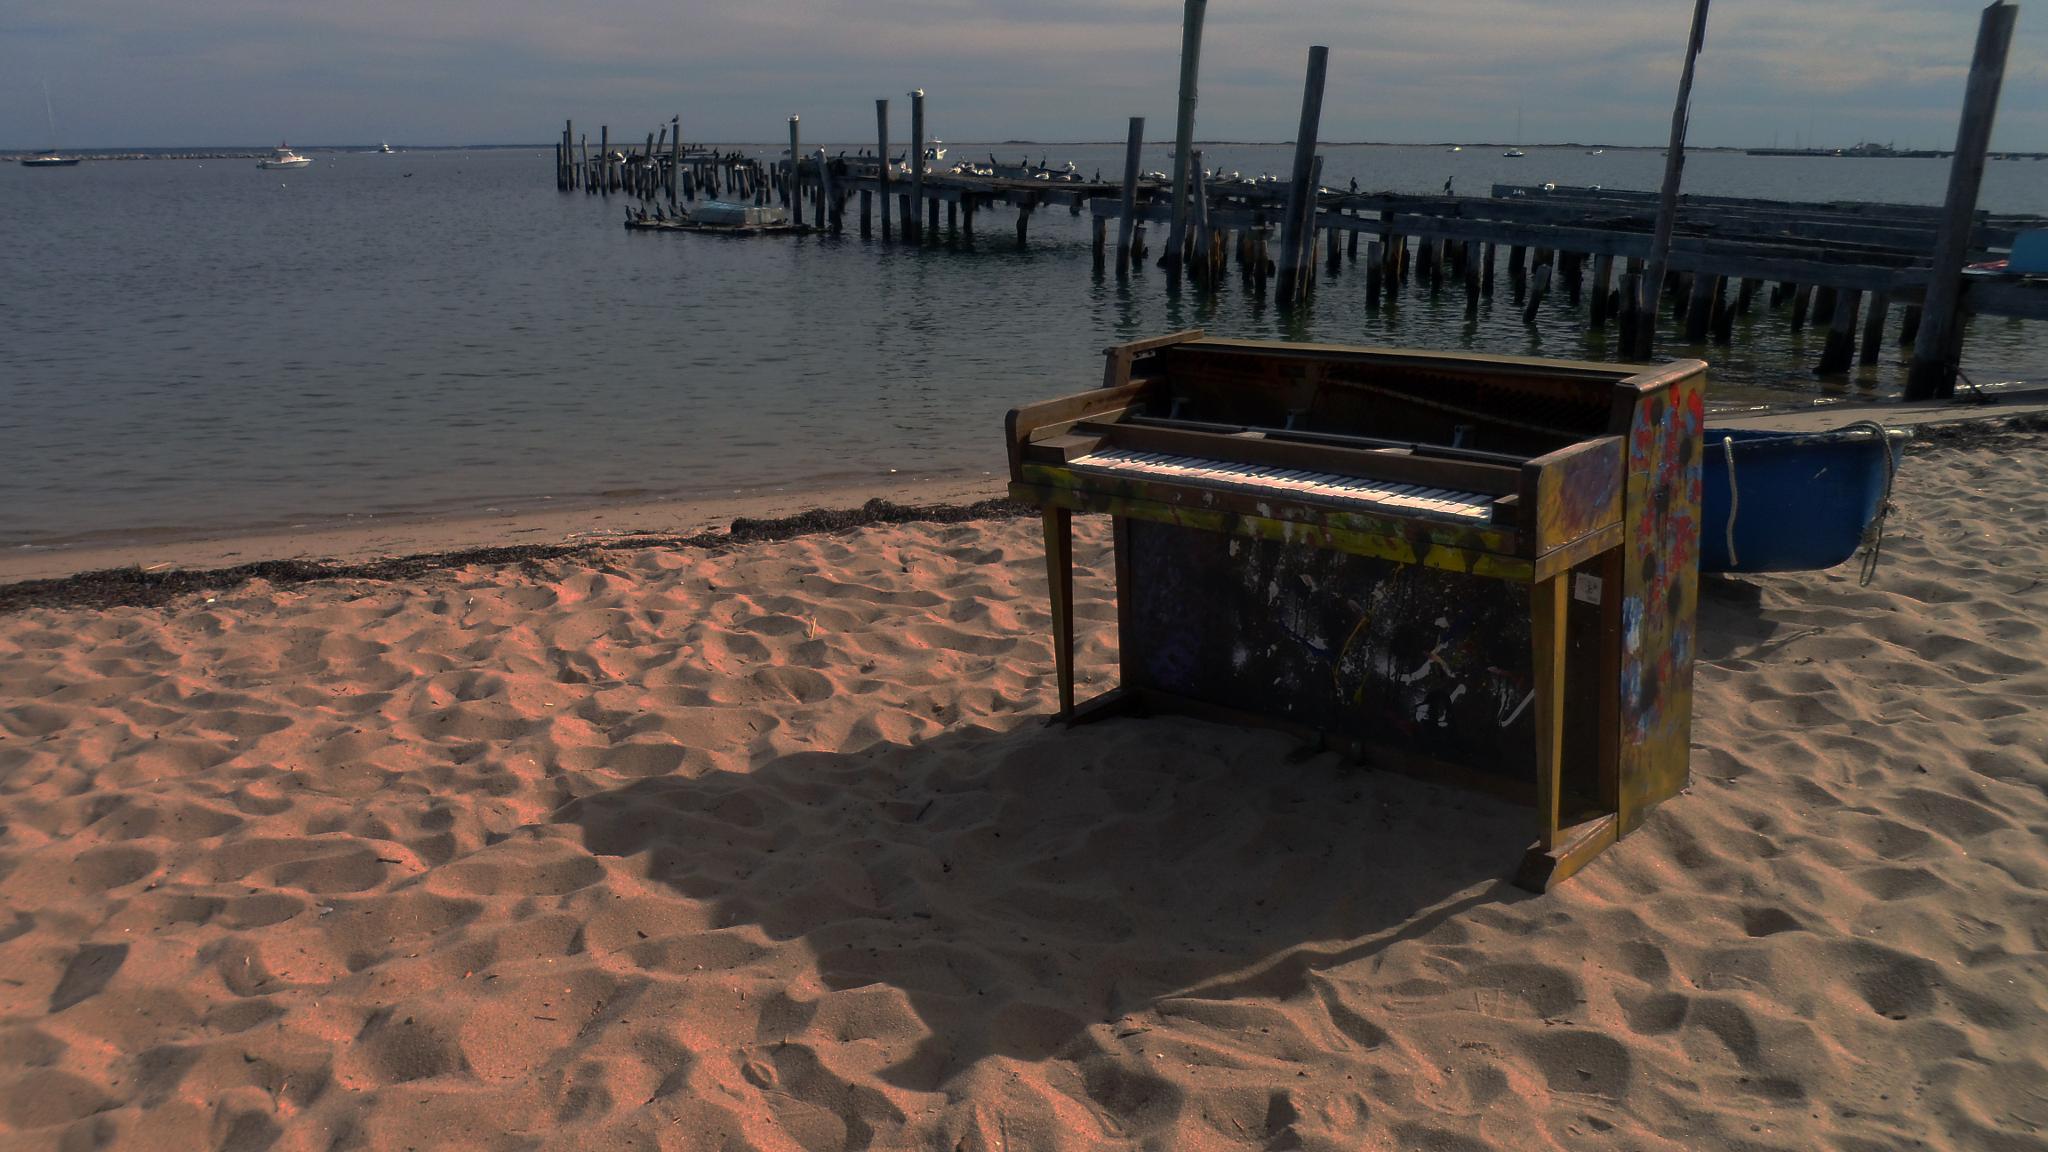 Sandy Piano by Roberto Mendonça Faria